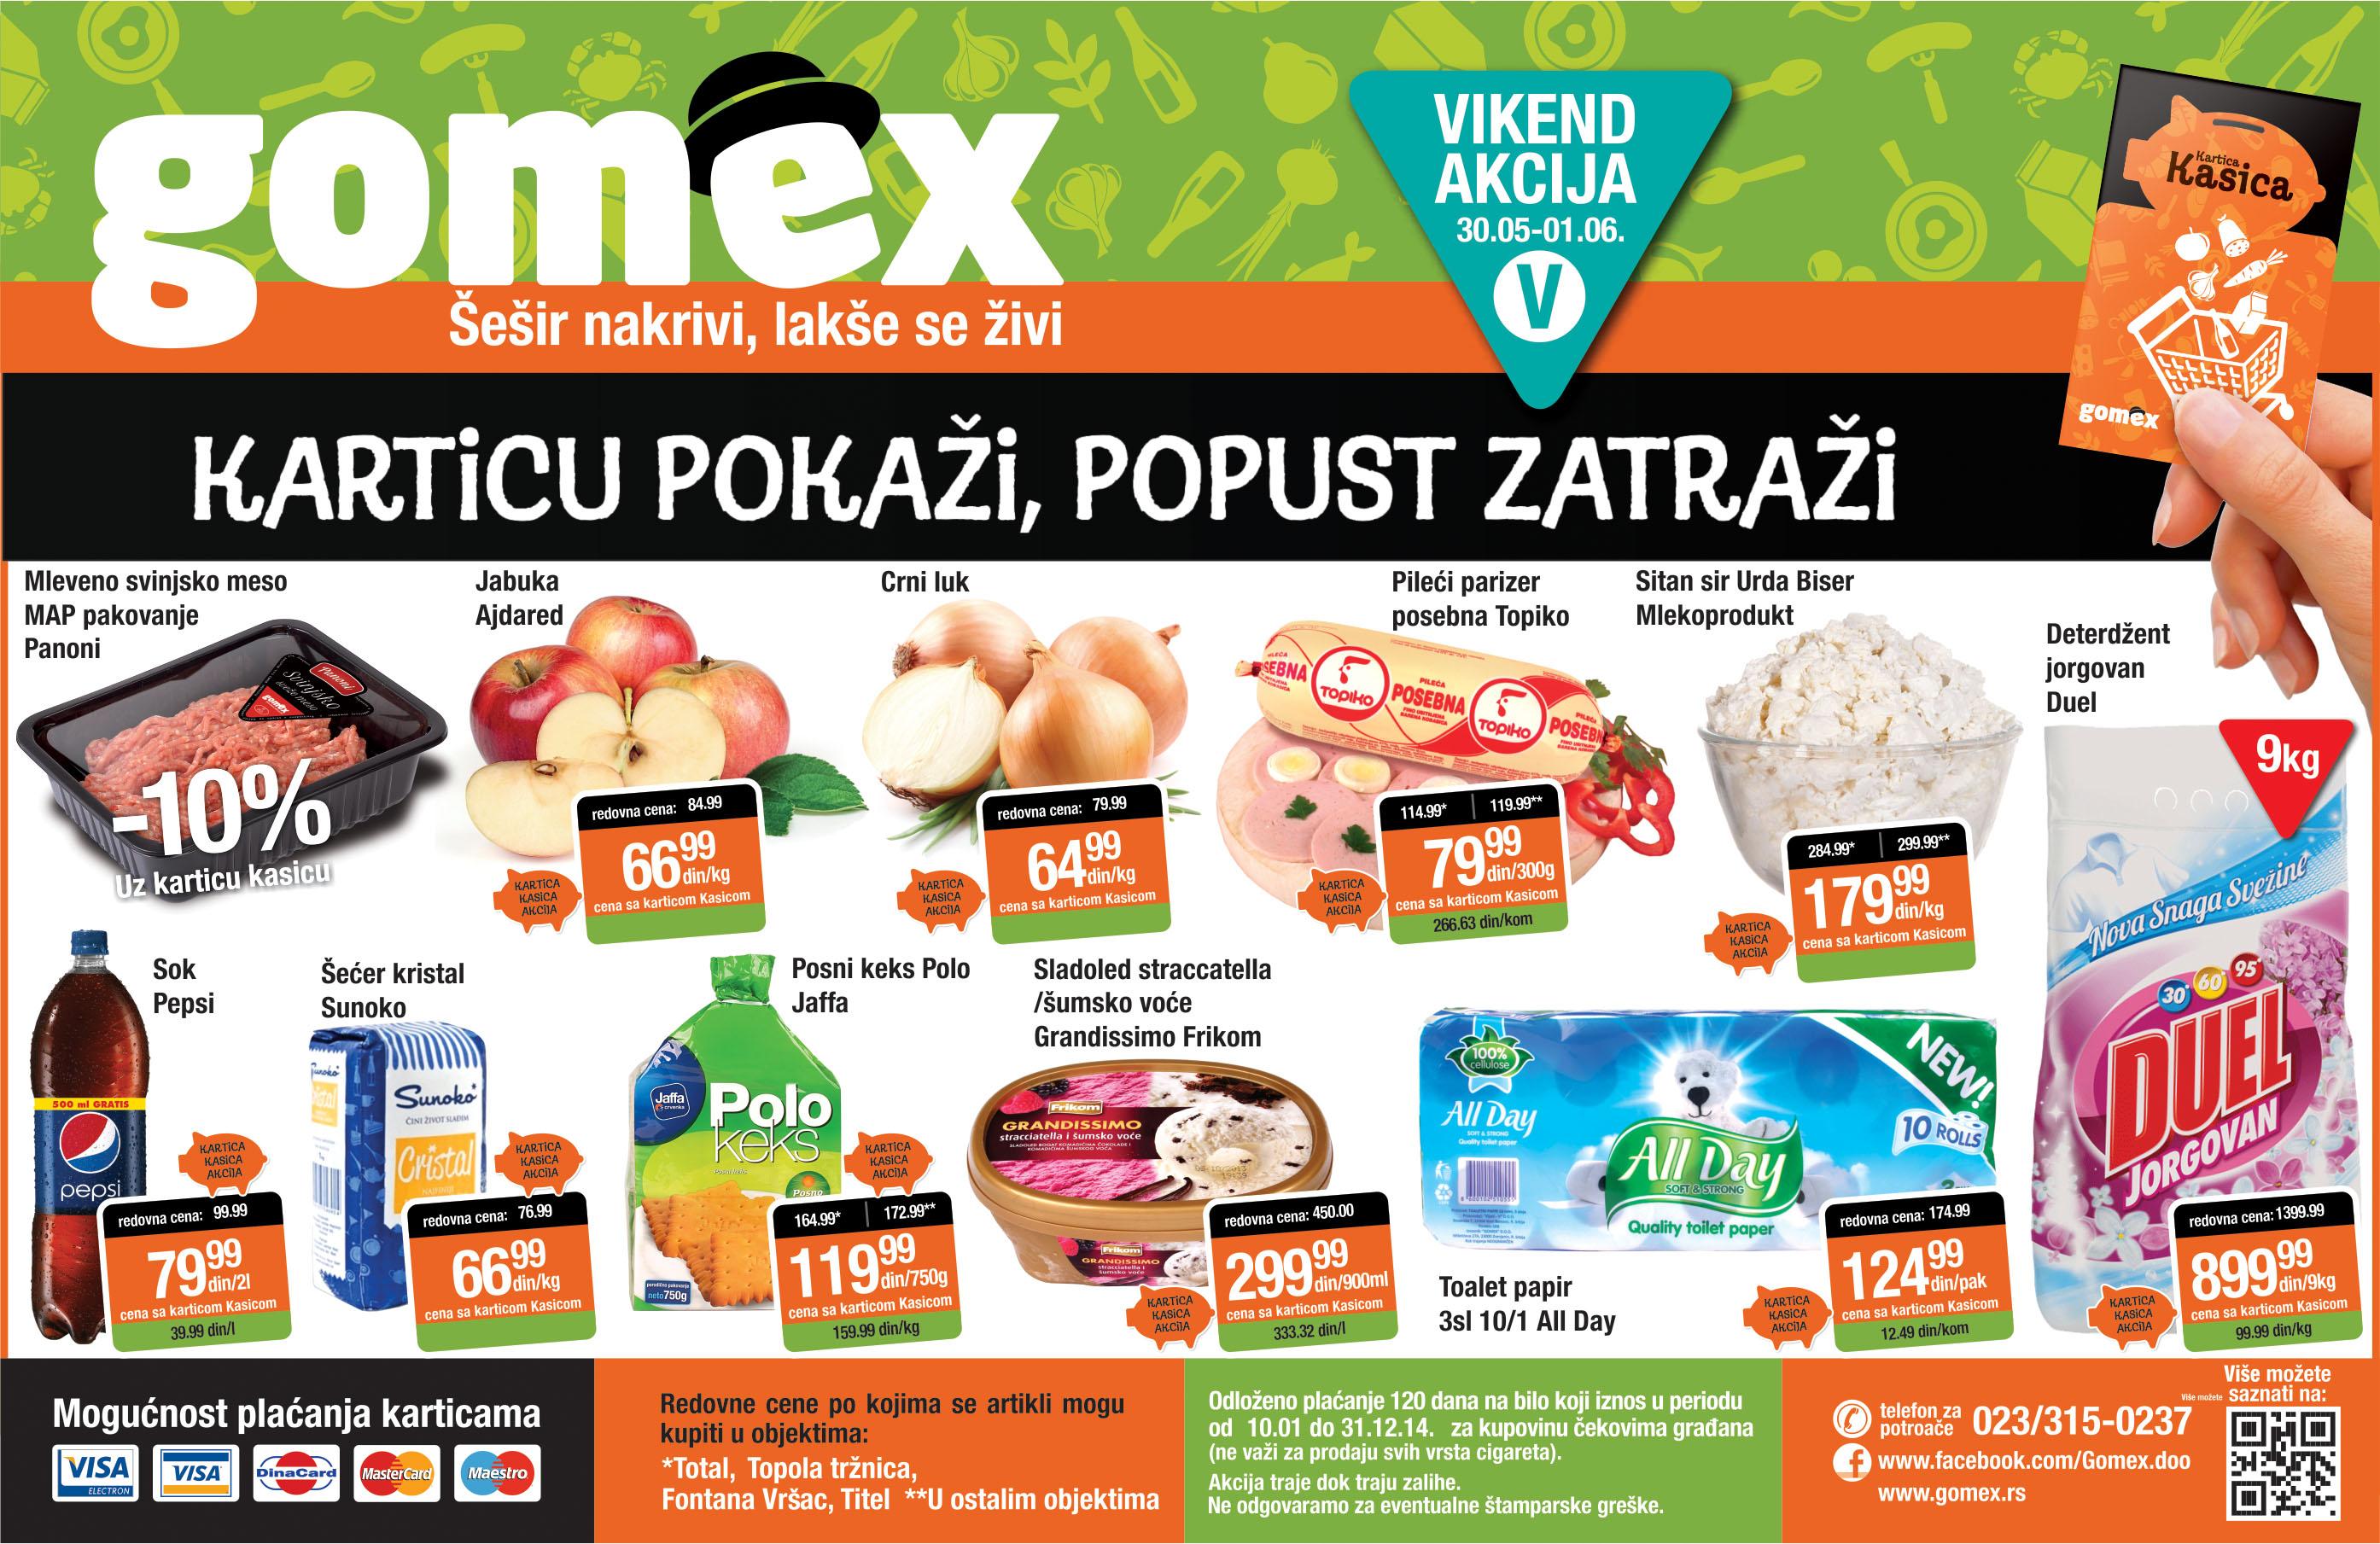 Gomex akcija vikend niskih cena je spremna